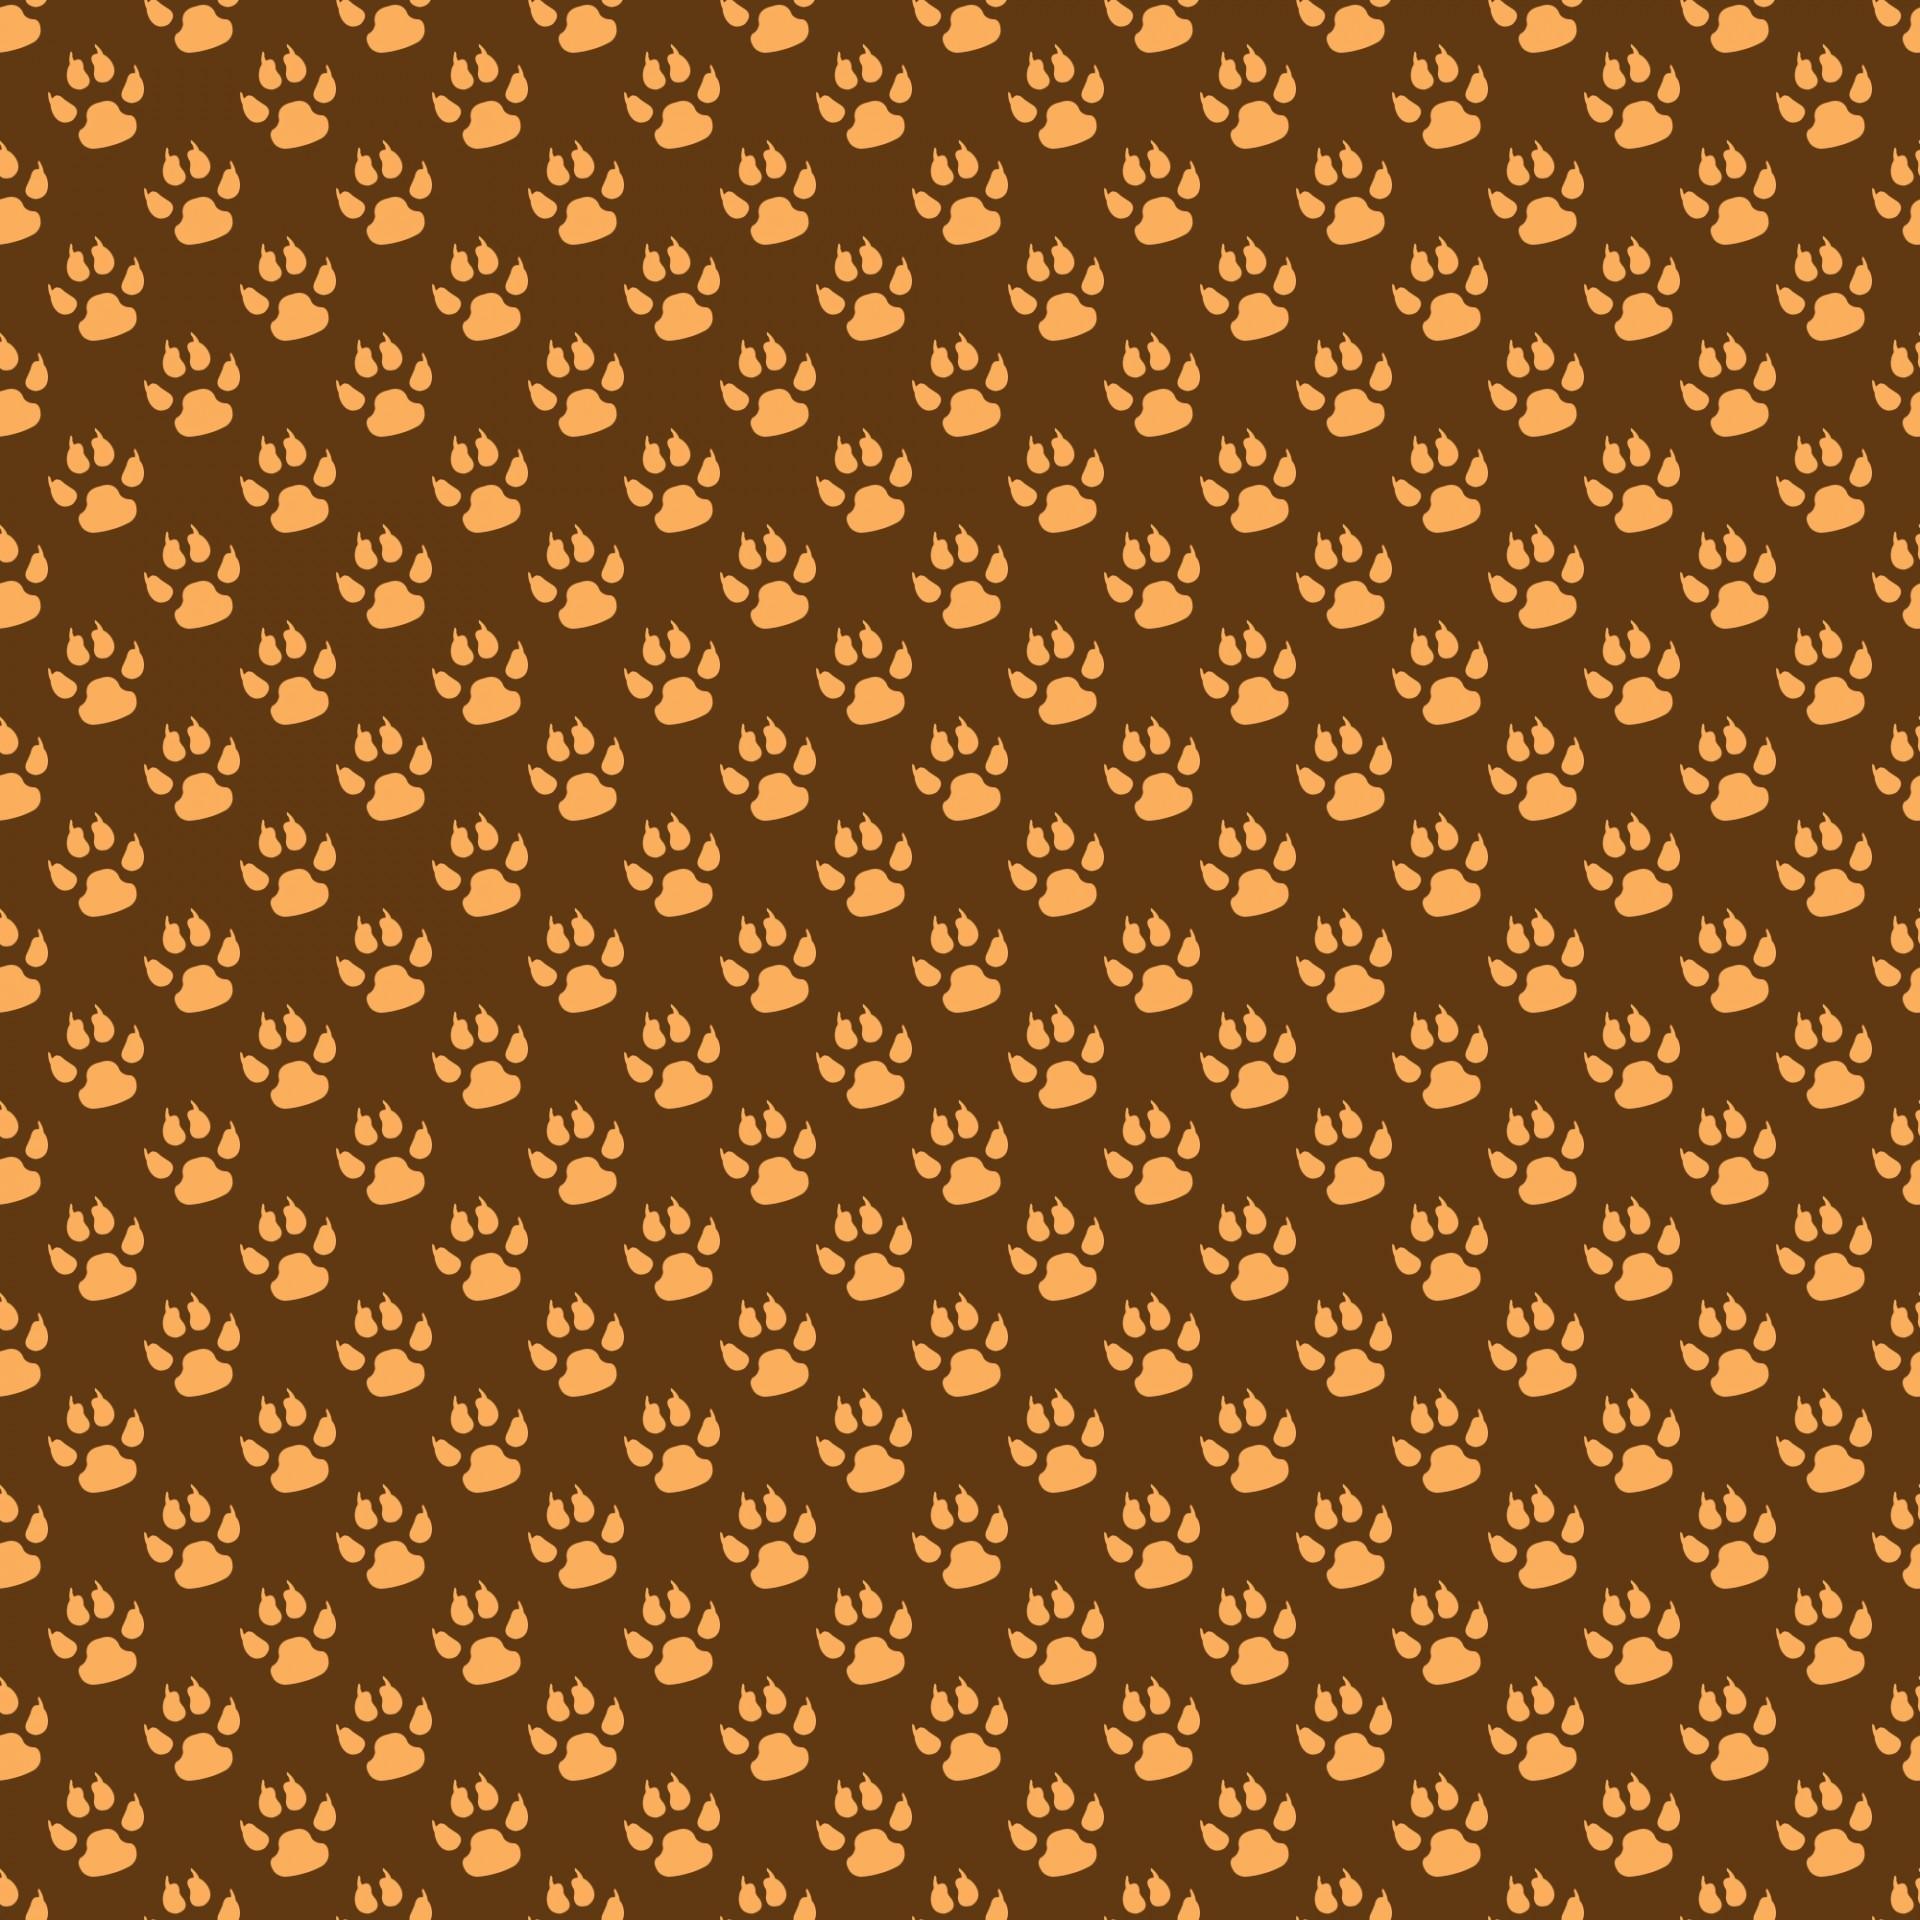 Paw printpaw printsbackgroundwallpaperpattern   photo 1920x1920